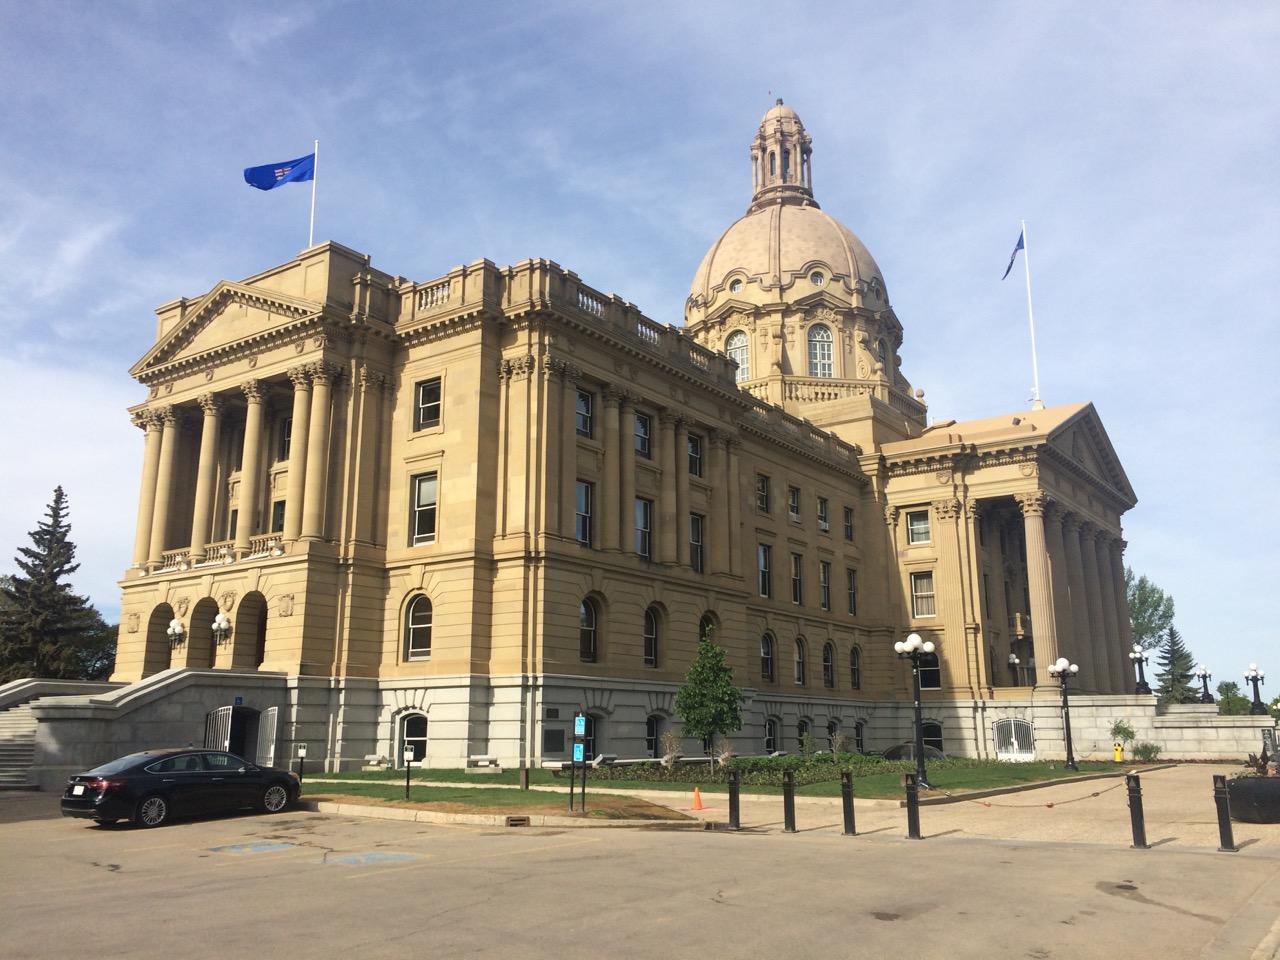 Edmonton Parliament Building